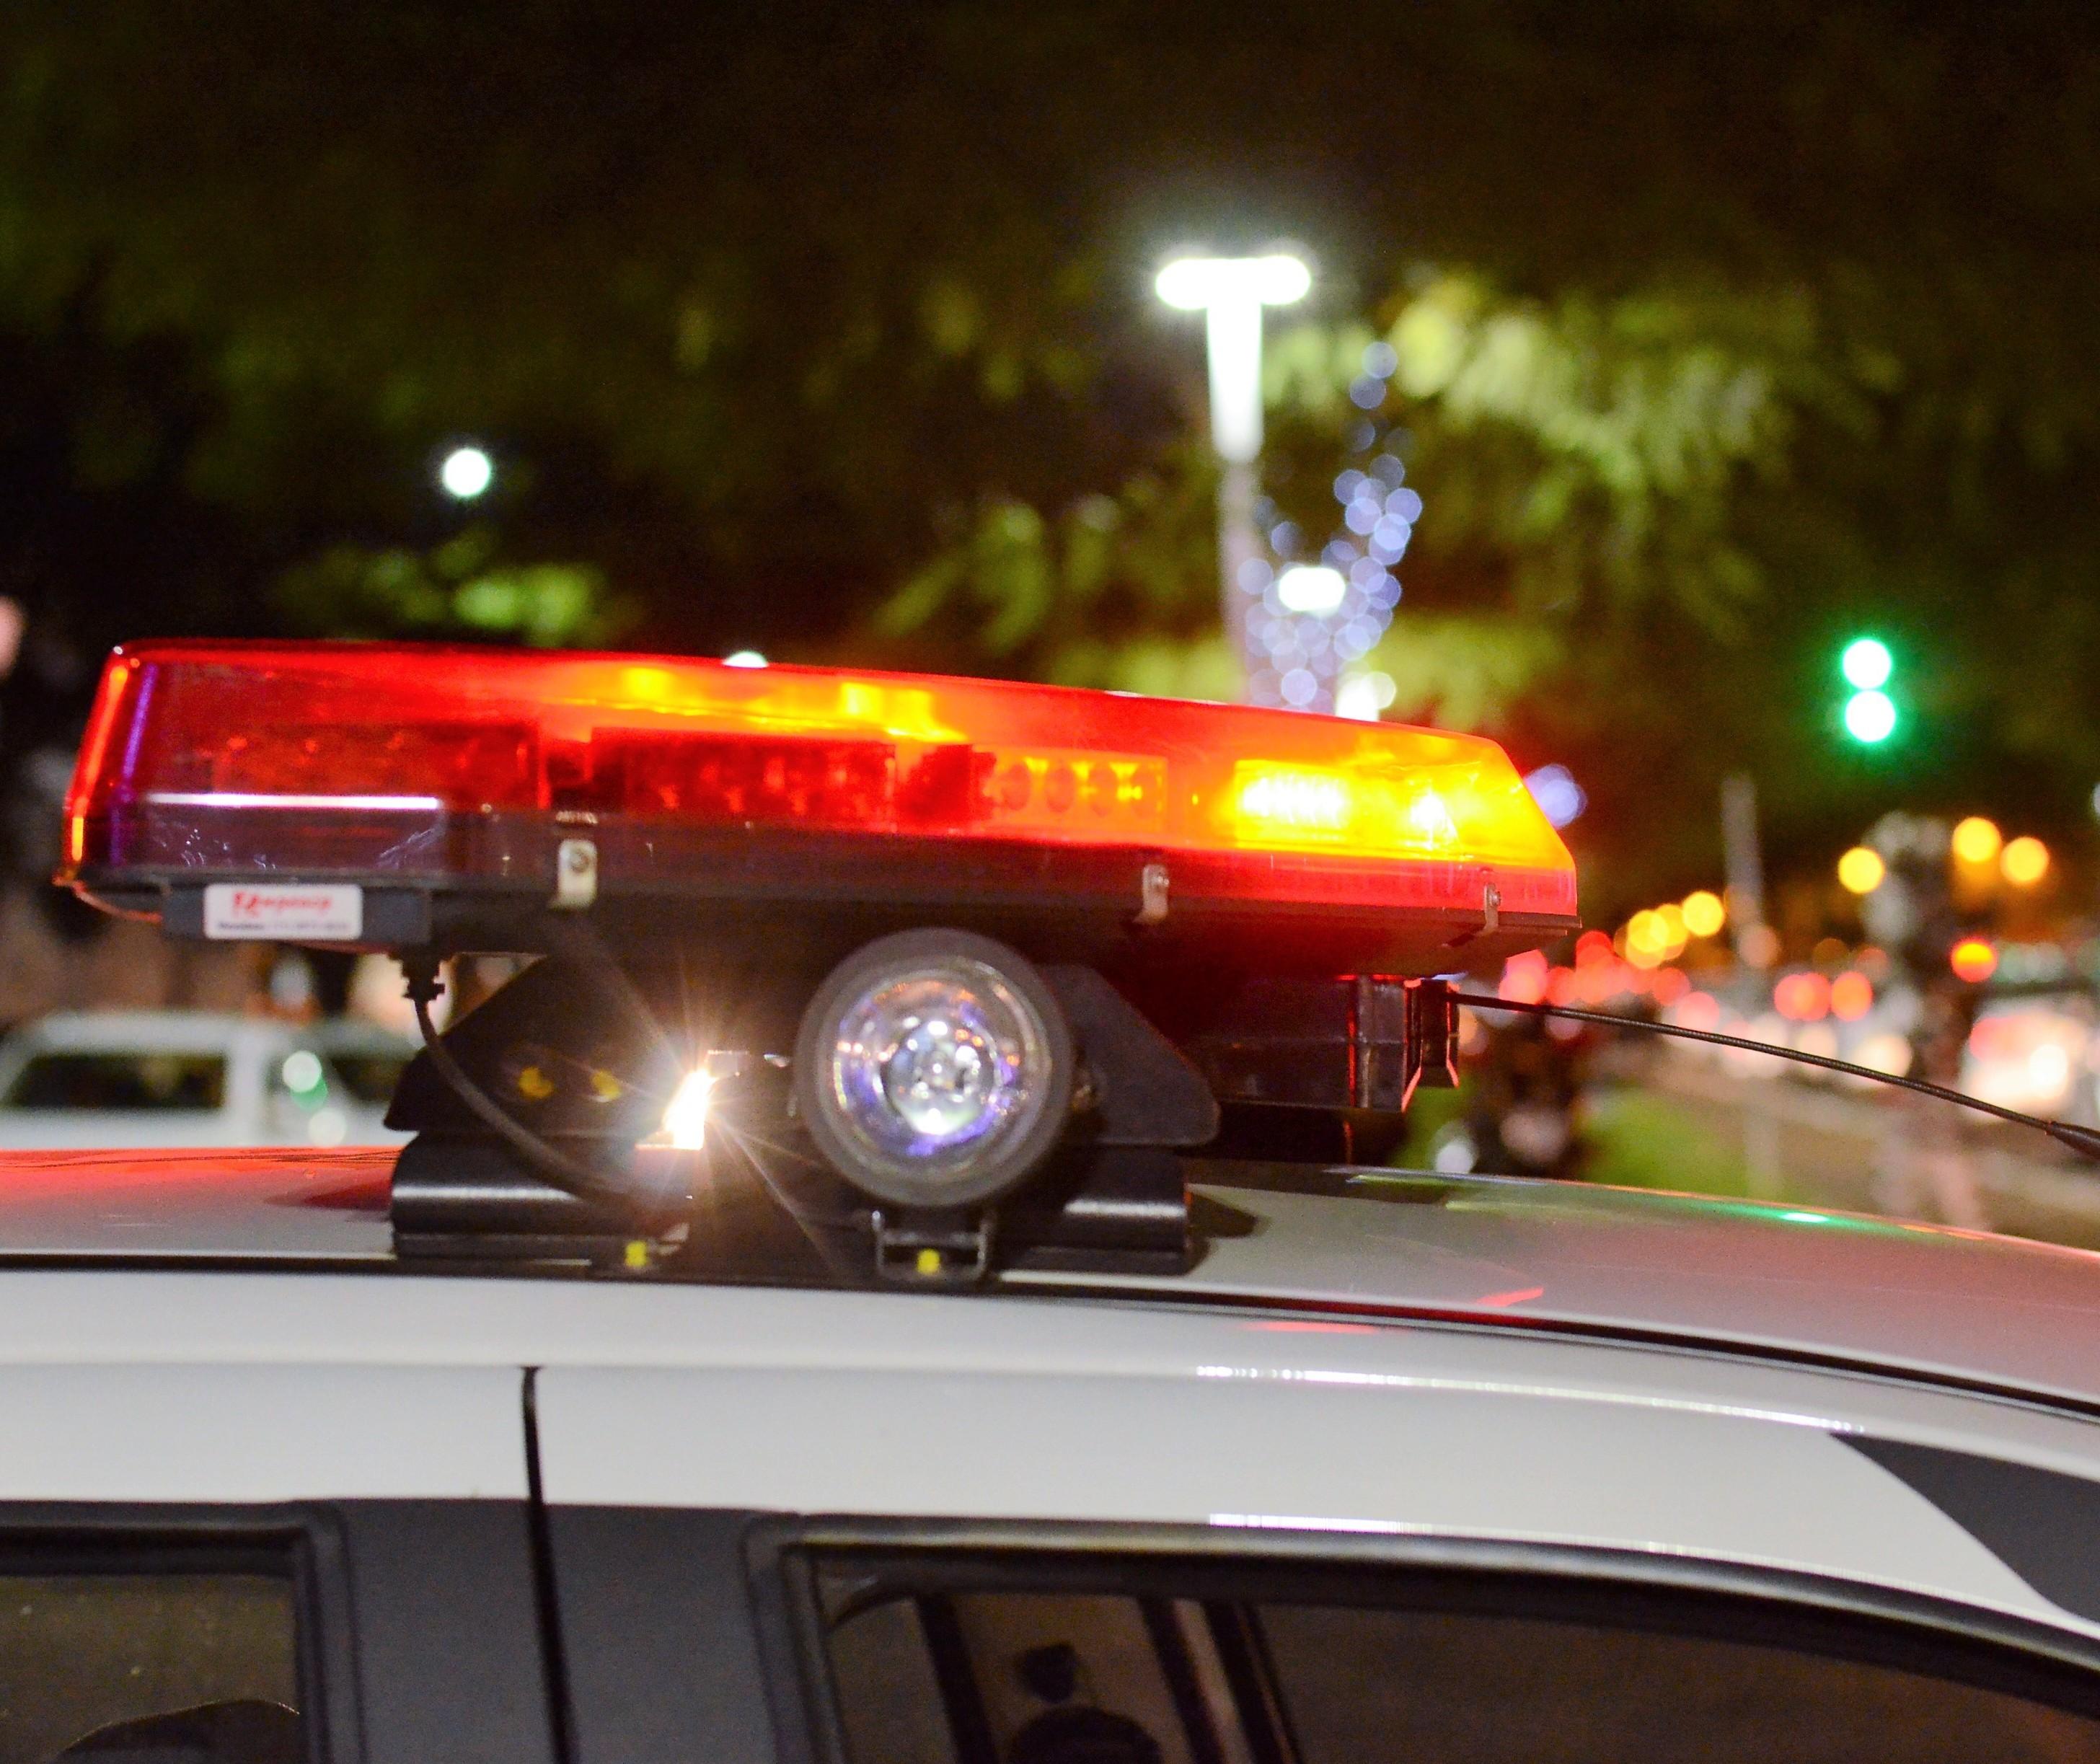 Traficante com passagens por roubo e homicídio é preso após roubar moto